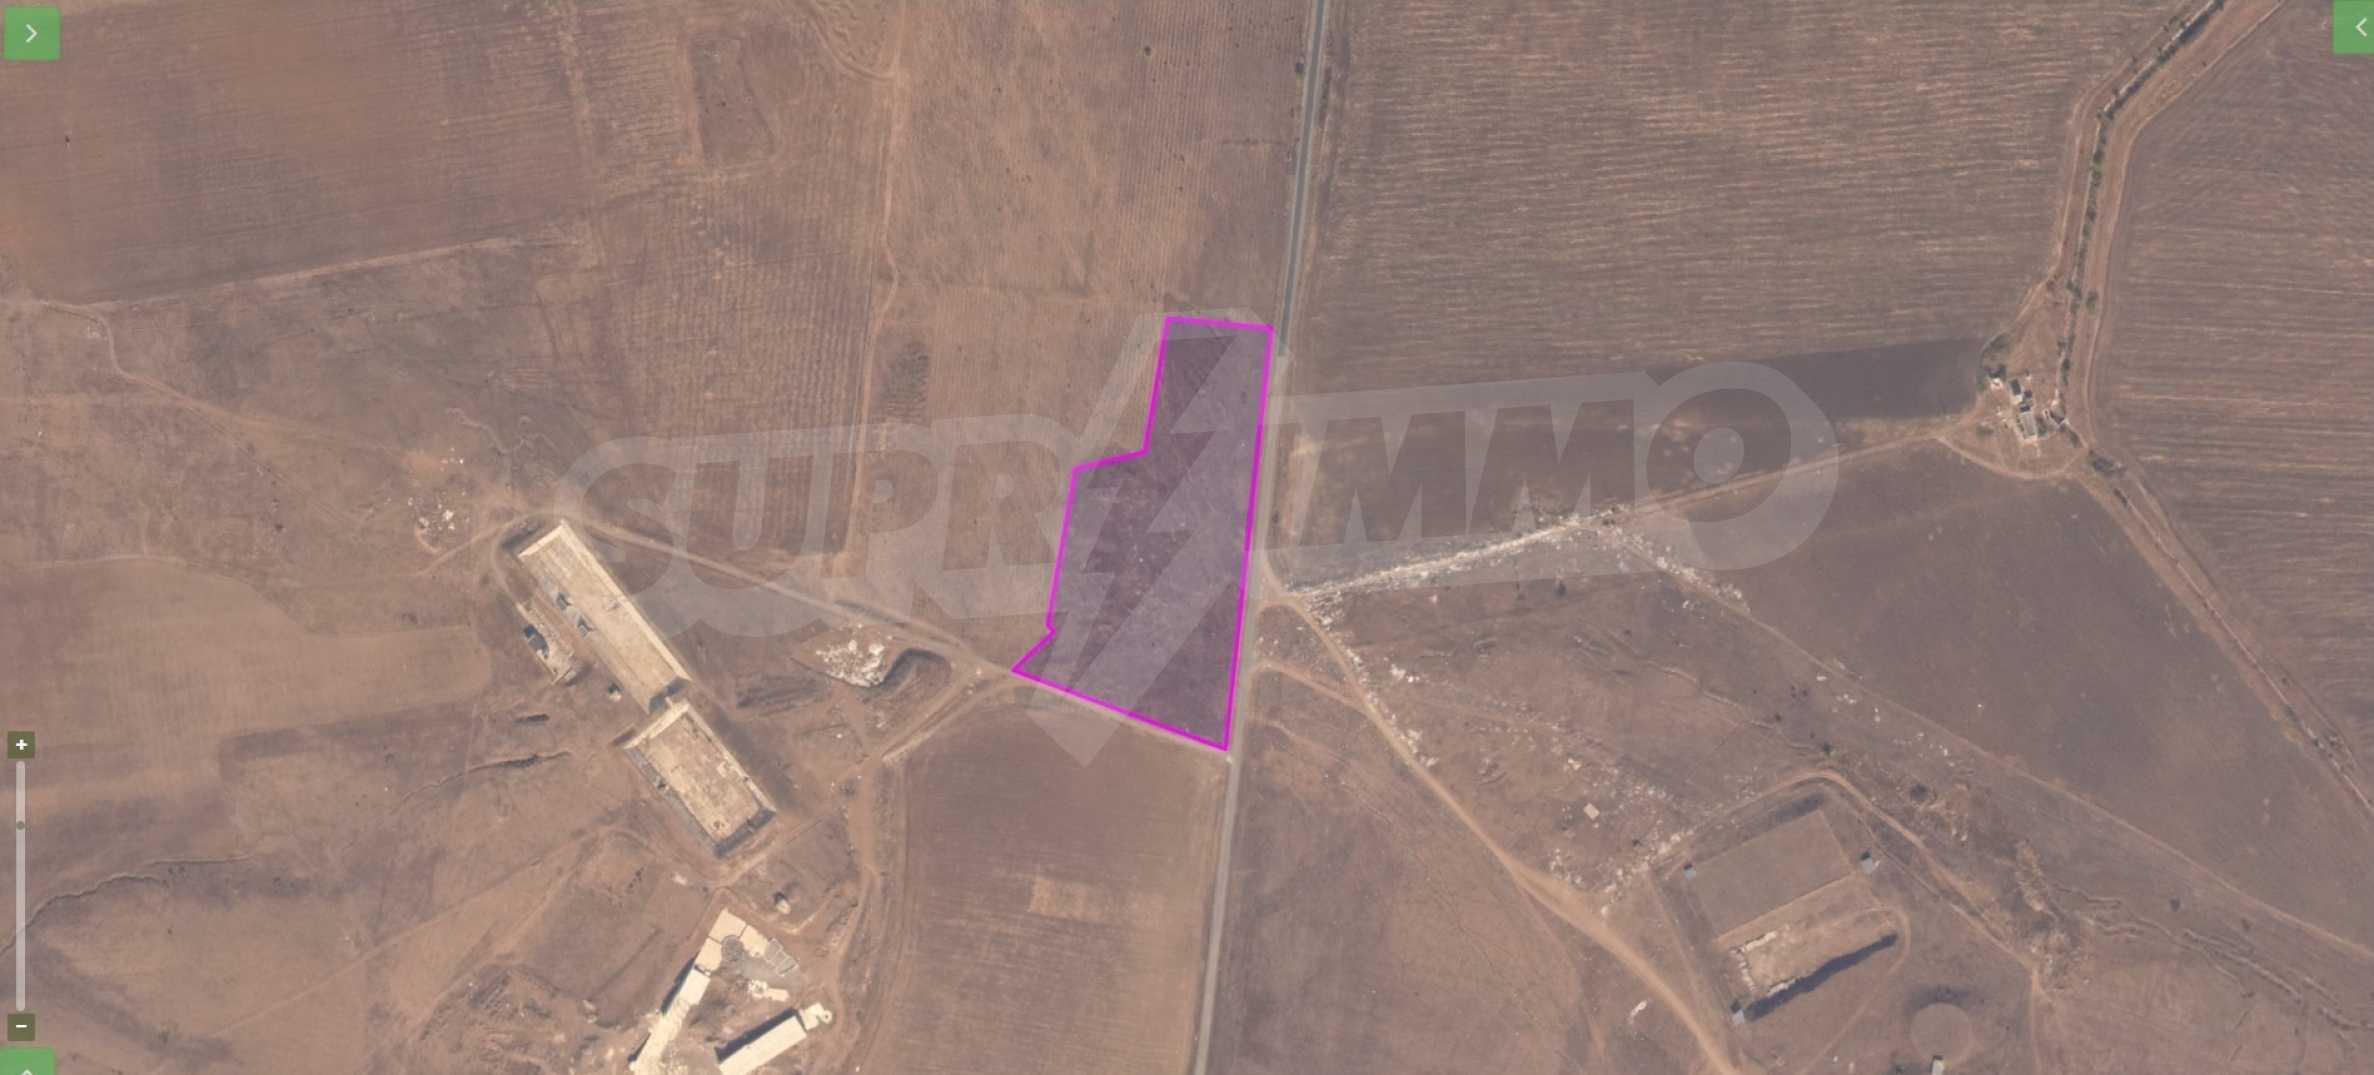 Парцел за инвестиция до исторически комплекс Ахелой 917, на няколко км от Слънчев бряг, до Тънково и Ахелой 4